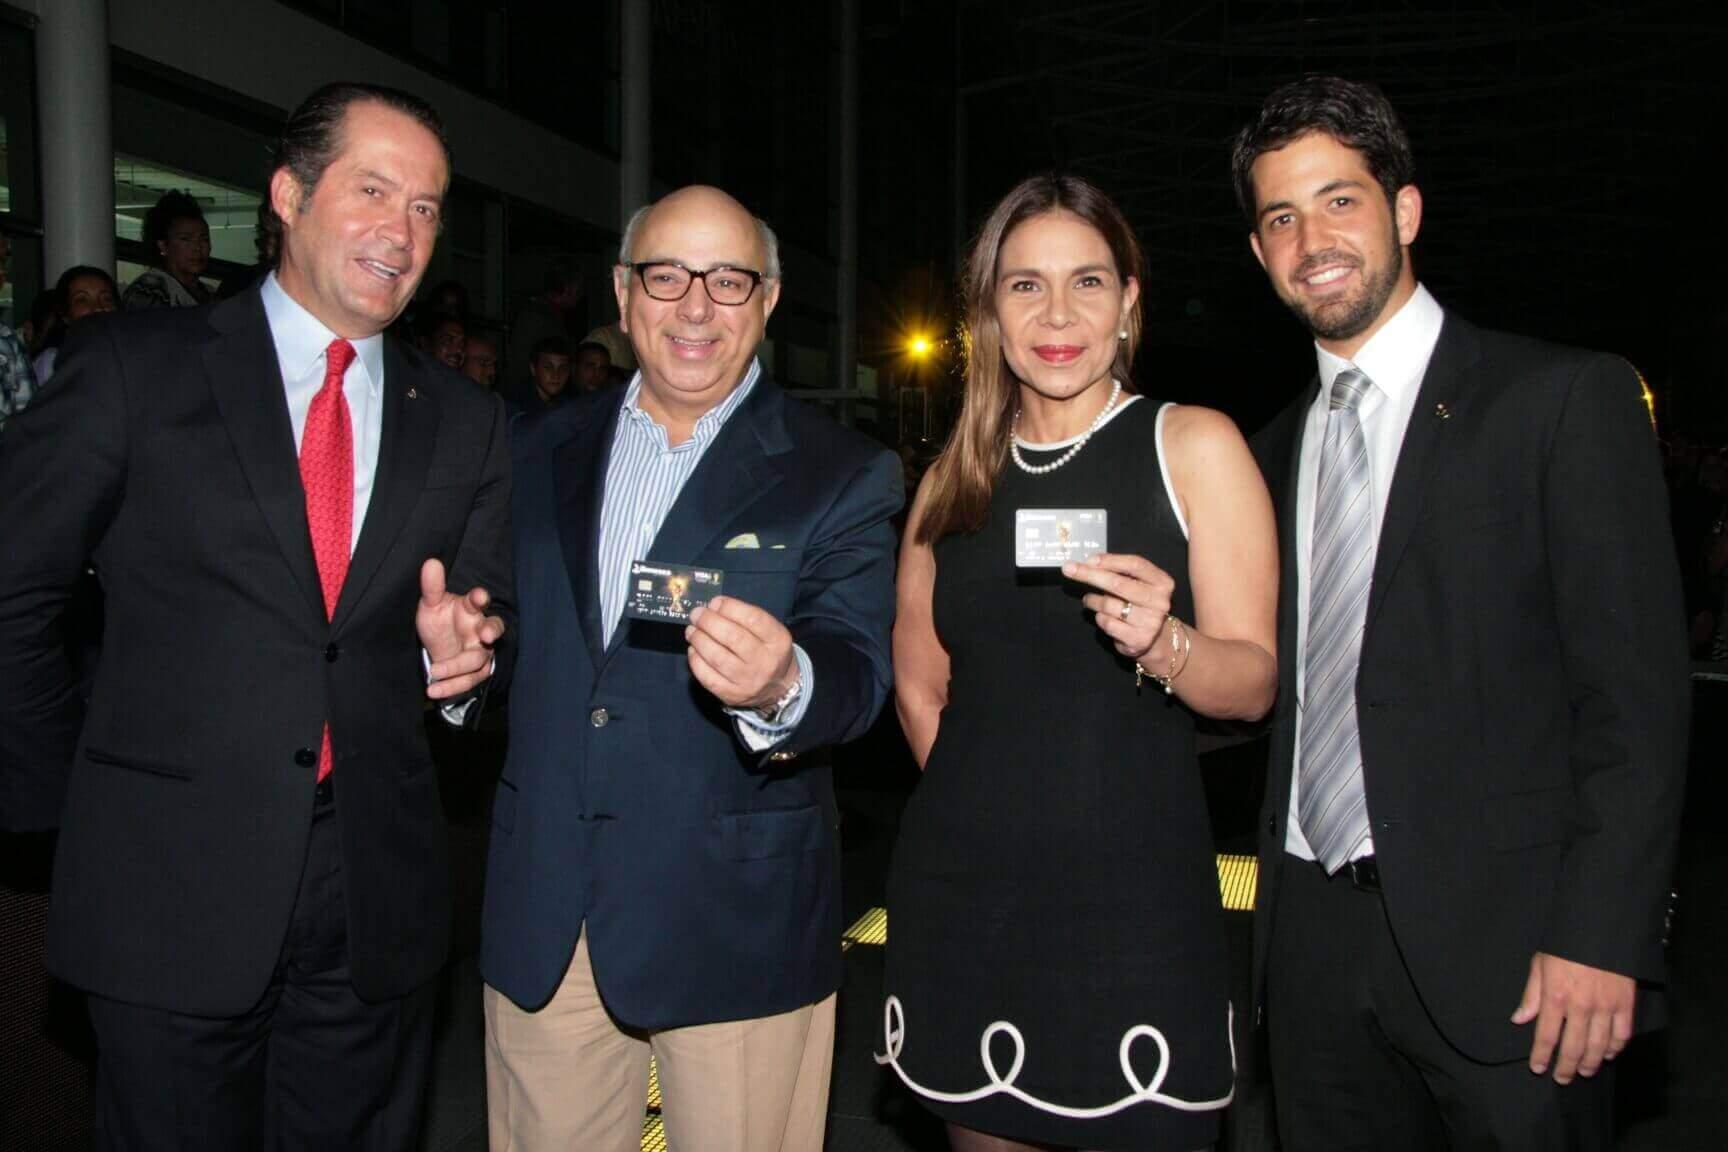 Juan Carlos Escotet, César Miguel Rondón, Mari Montes y Carlos Eduardo Escotet Alviarez